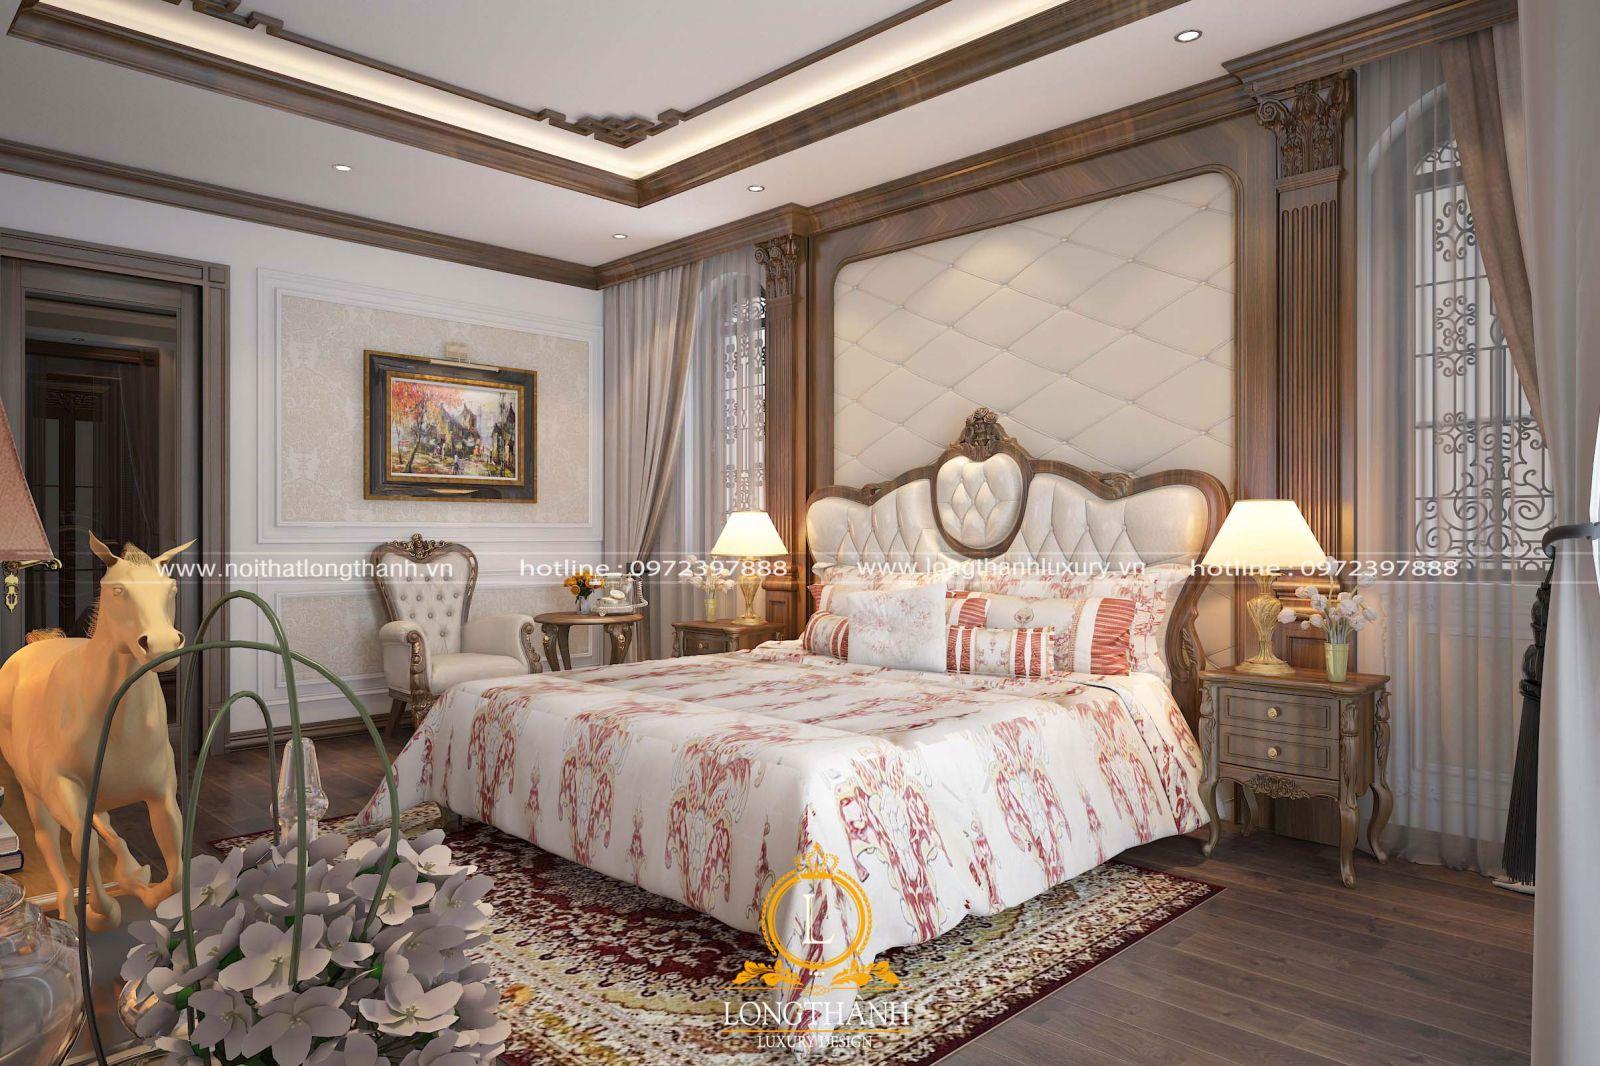 Thiết kế phòng ngủ đẹp cho toàn bộ không gian